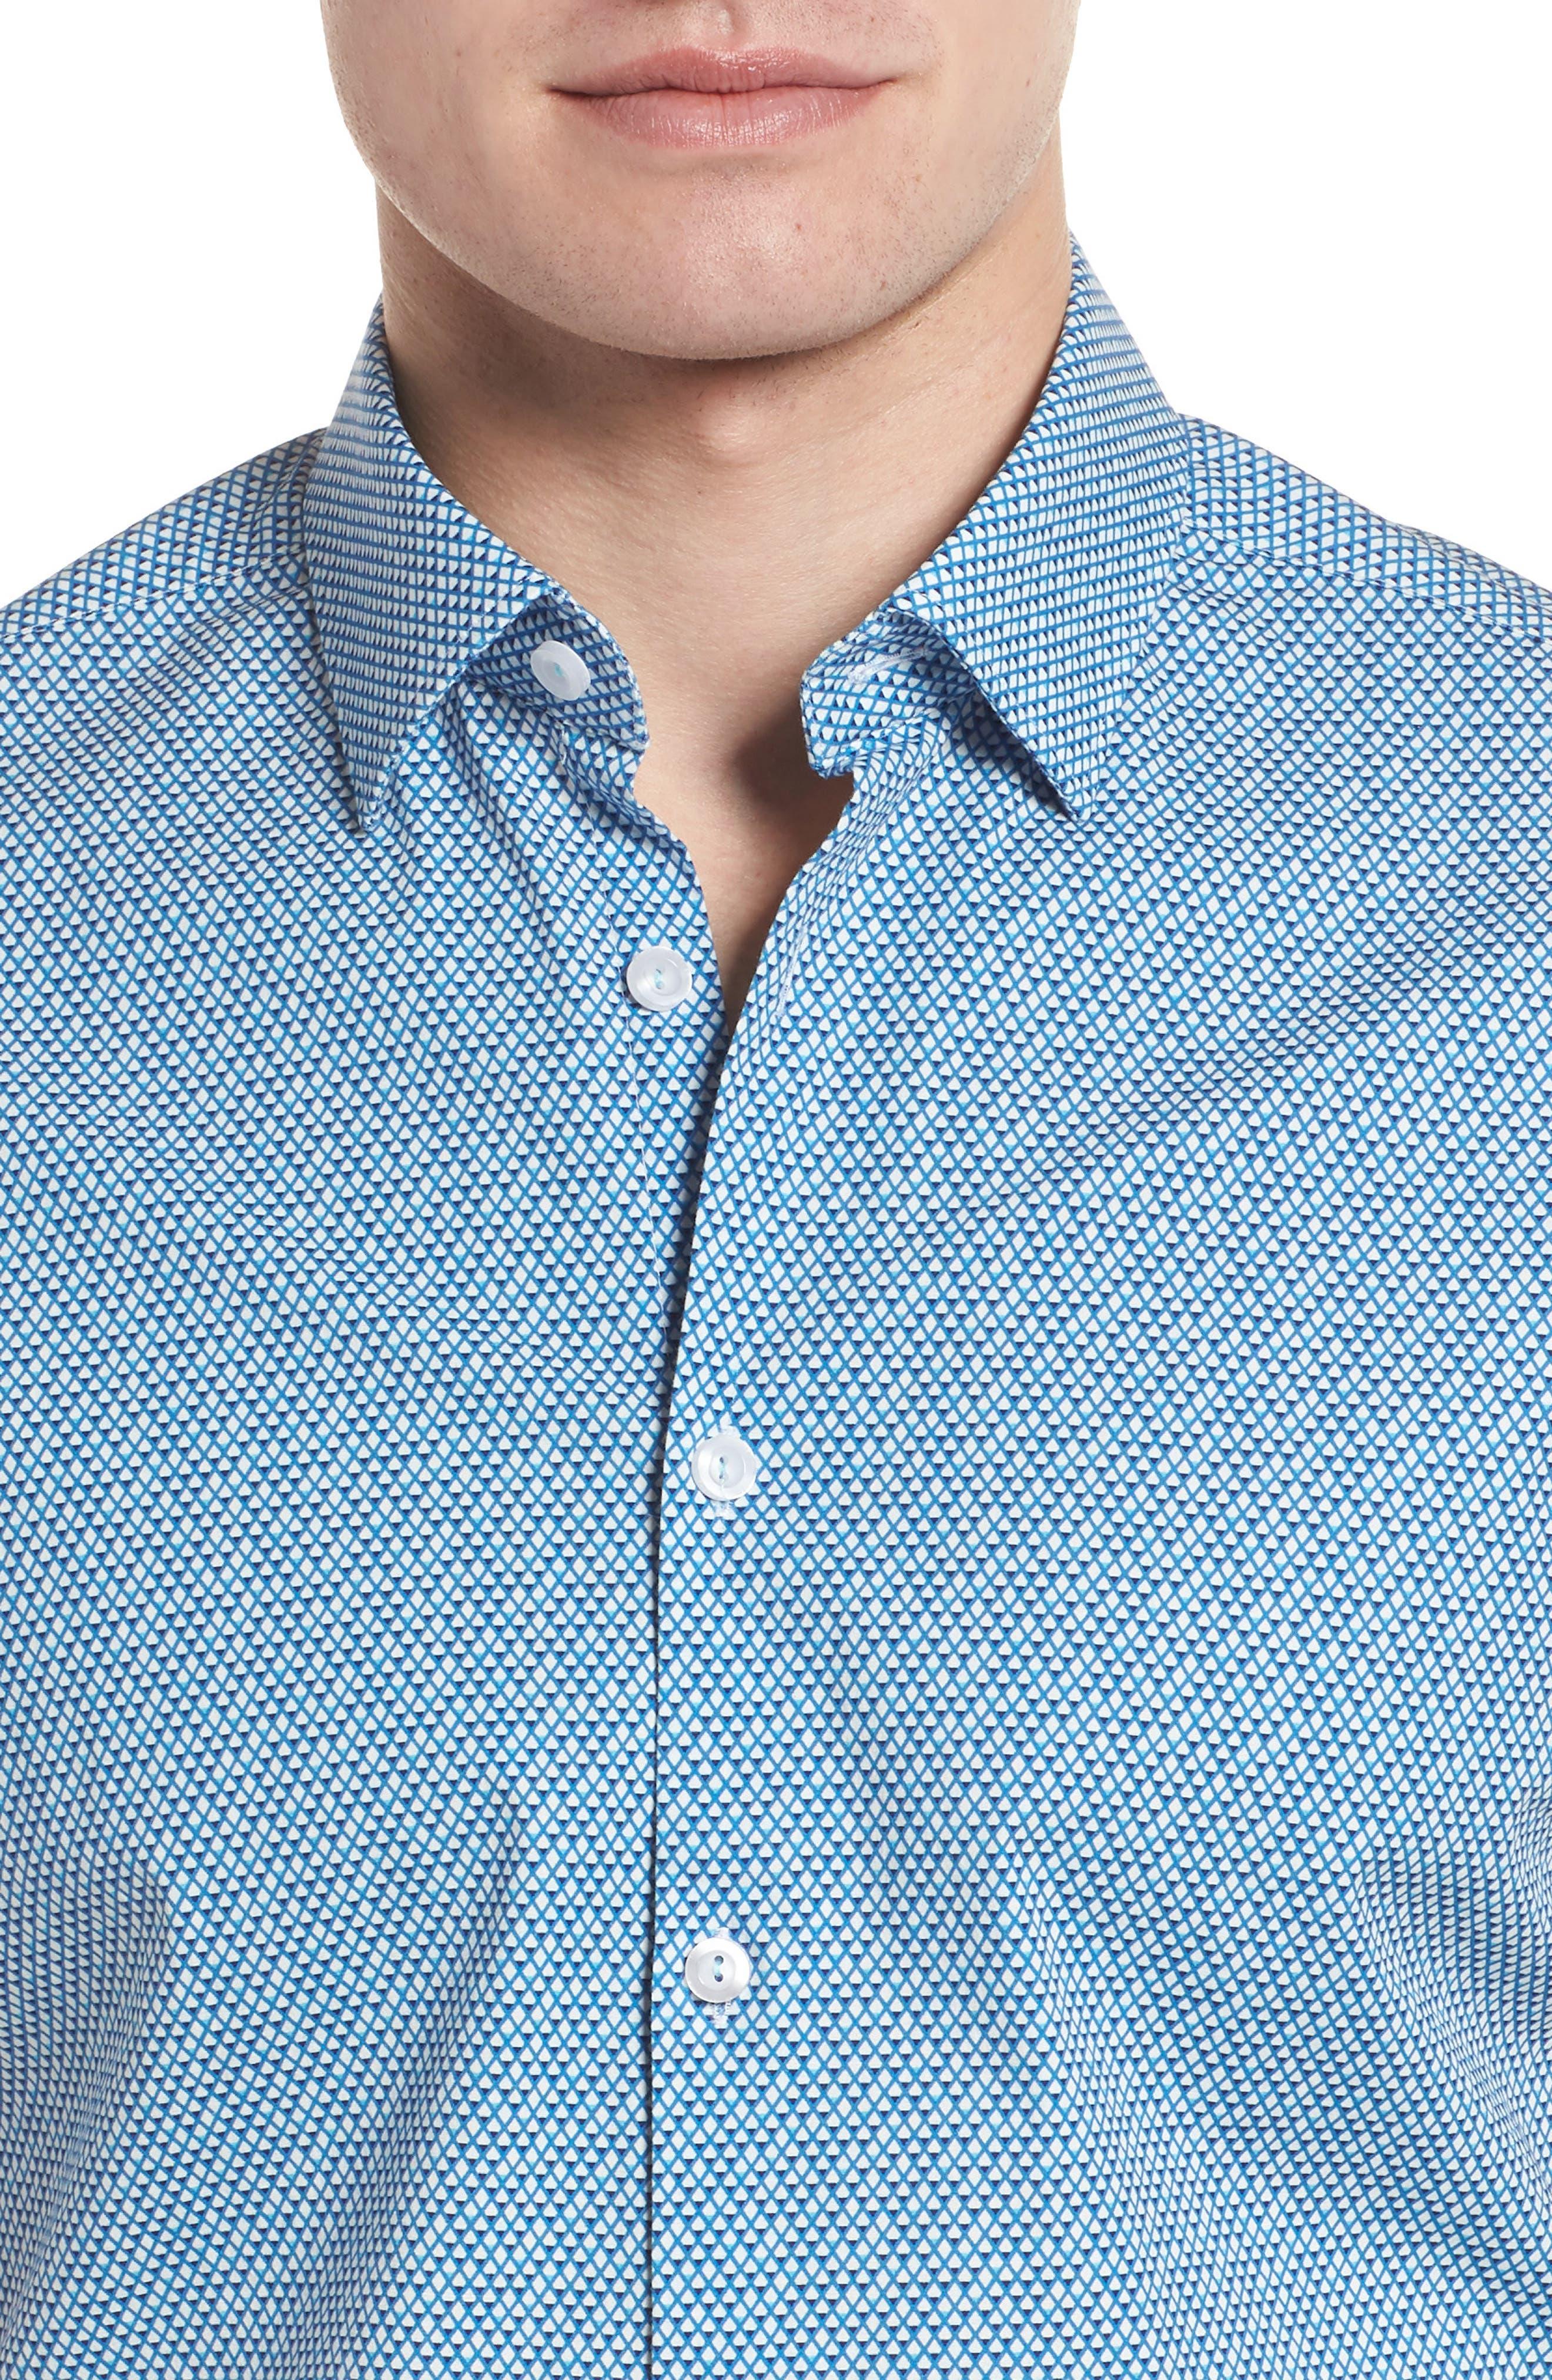 Slim Fit Diamond Print Sport Shirt,                             Alternate thumbnail 4, color,                             435